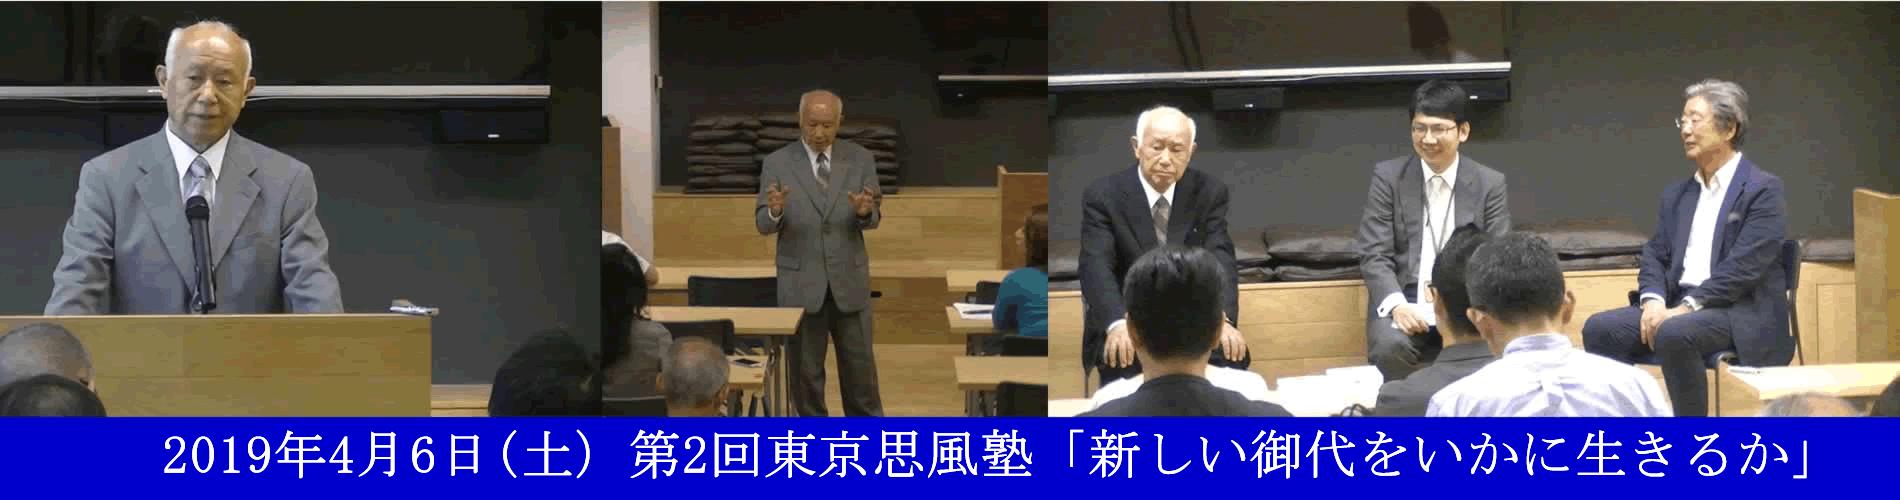 2019年2月2日(土)第1回東京思風塾